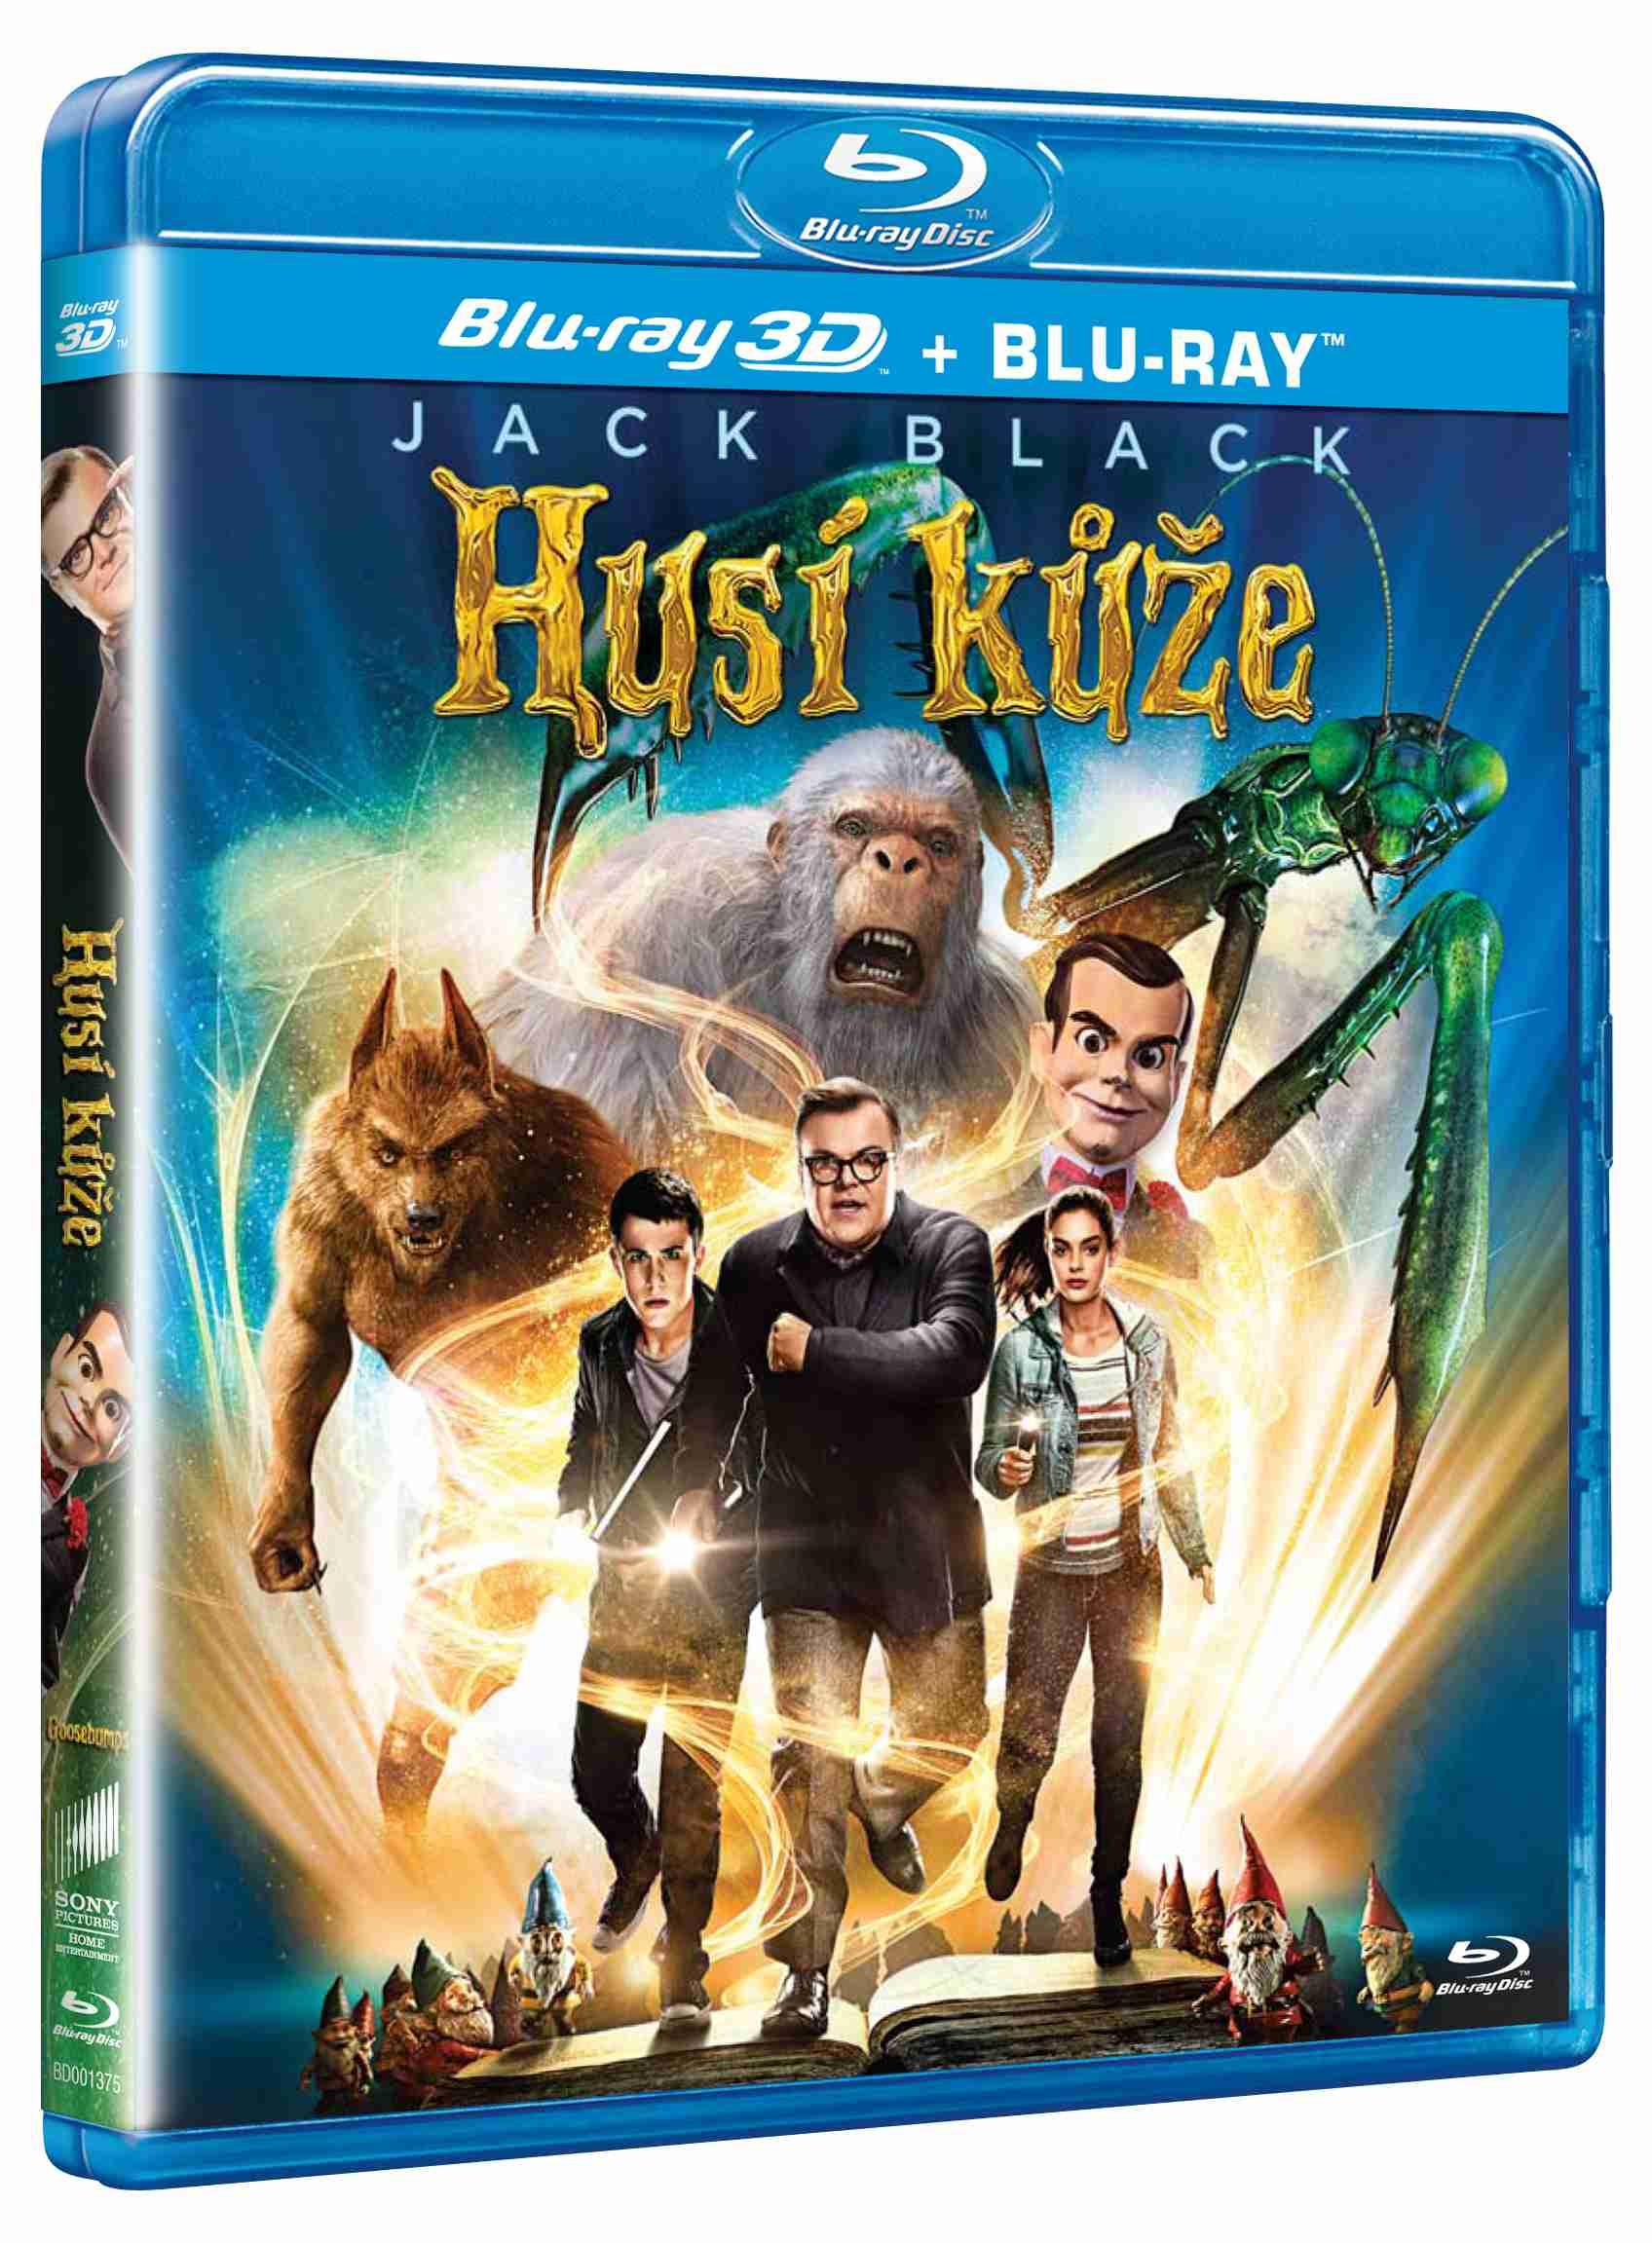 HUSÍ KŮŽE - Blu-ray 3D + 2D